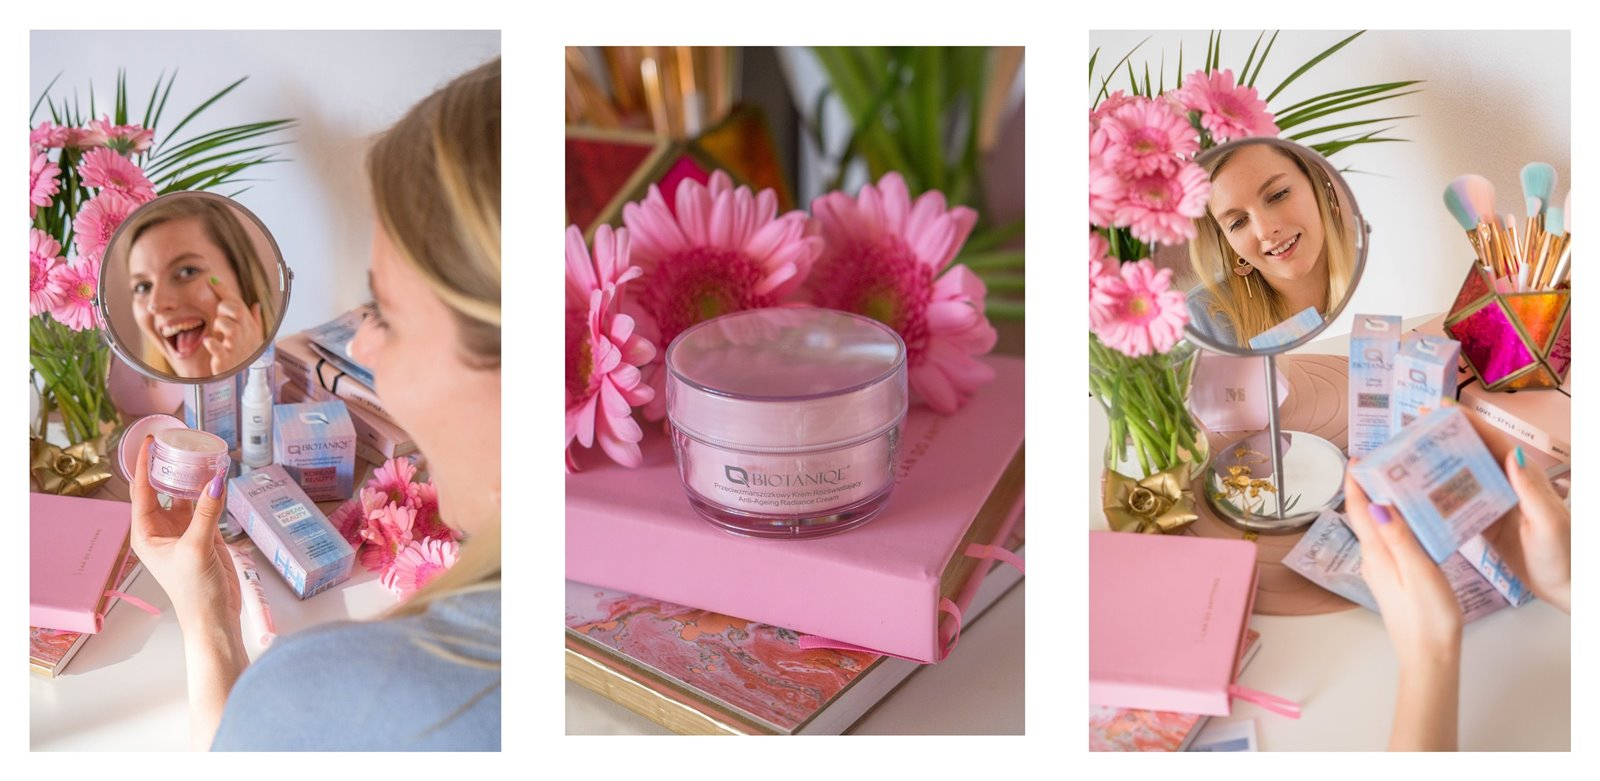 12 A biotaniqe koreańska pielęgnacja krok po kroku w jakiej kolejności nakładać kosmetyki jak dbać o cerę koreańskie kosmetyki kremy serum maski korean beauty instagram melodylaniella łódzka blogerka lifestyle